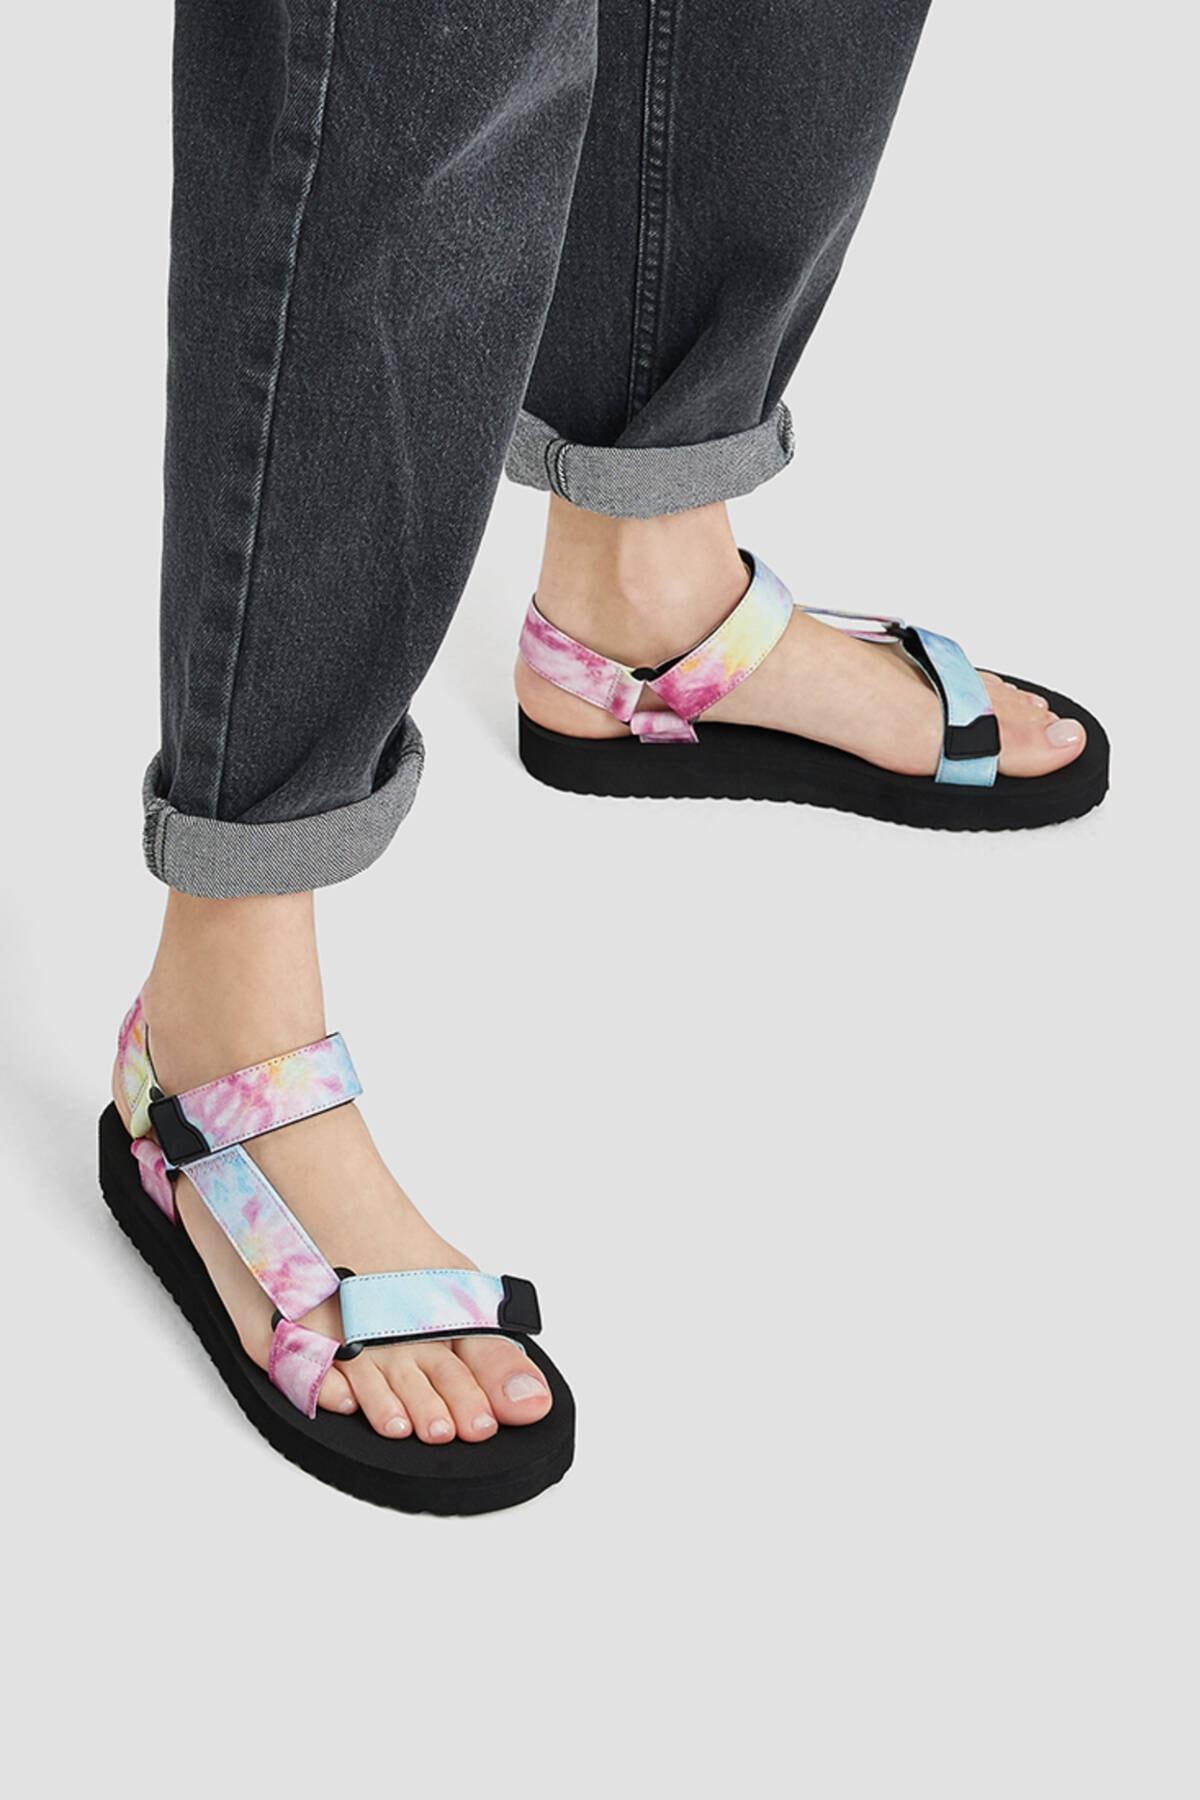 Pull & Bear Kadın Renkli Düz Bantlı Ve Tokalı Batik Desenli Sandalet 11704740 2